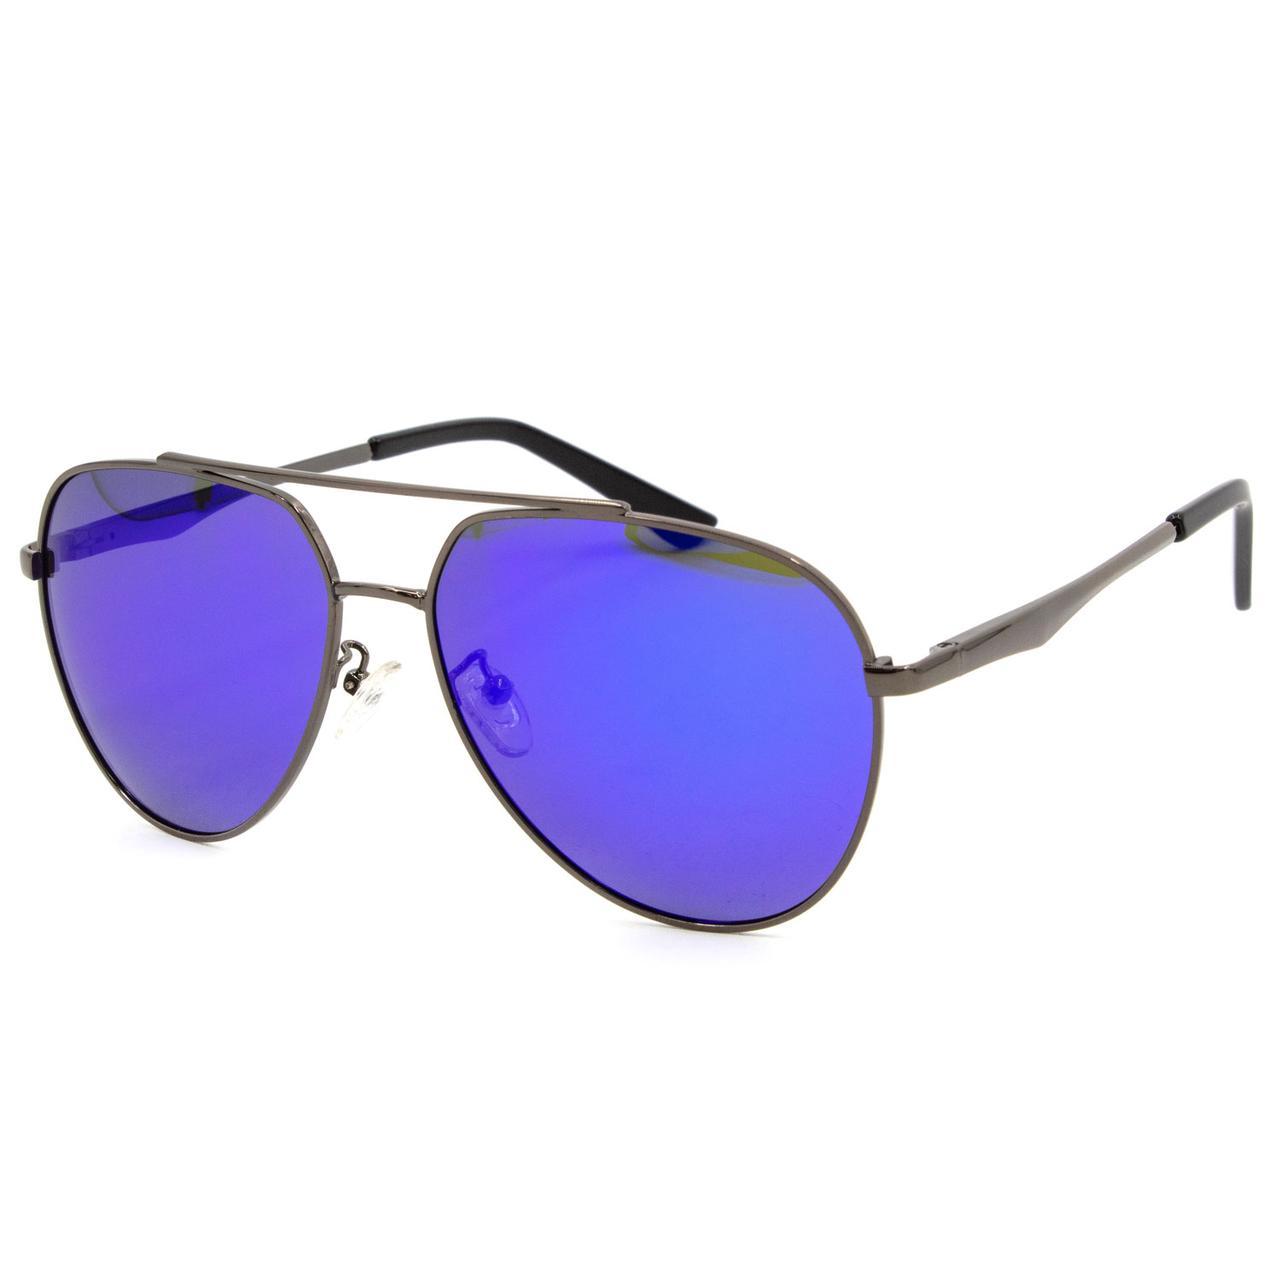 Солнцезащитные очки Marmilen Polar 201936 C7 синий    ( 201936-07 )